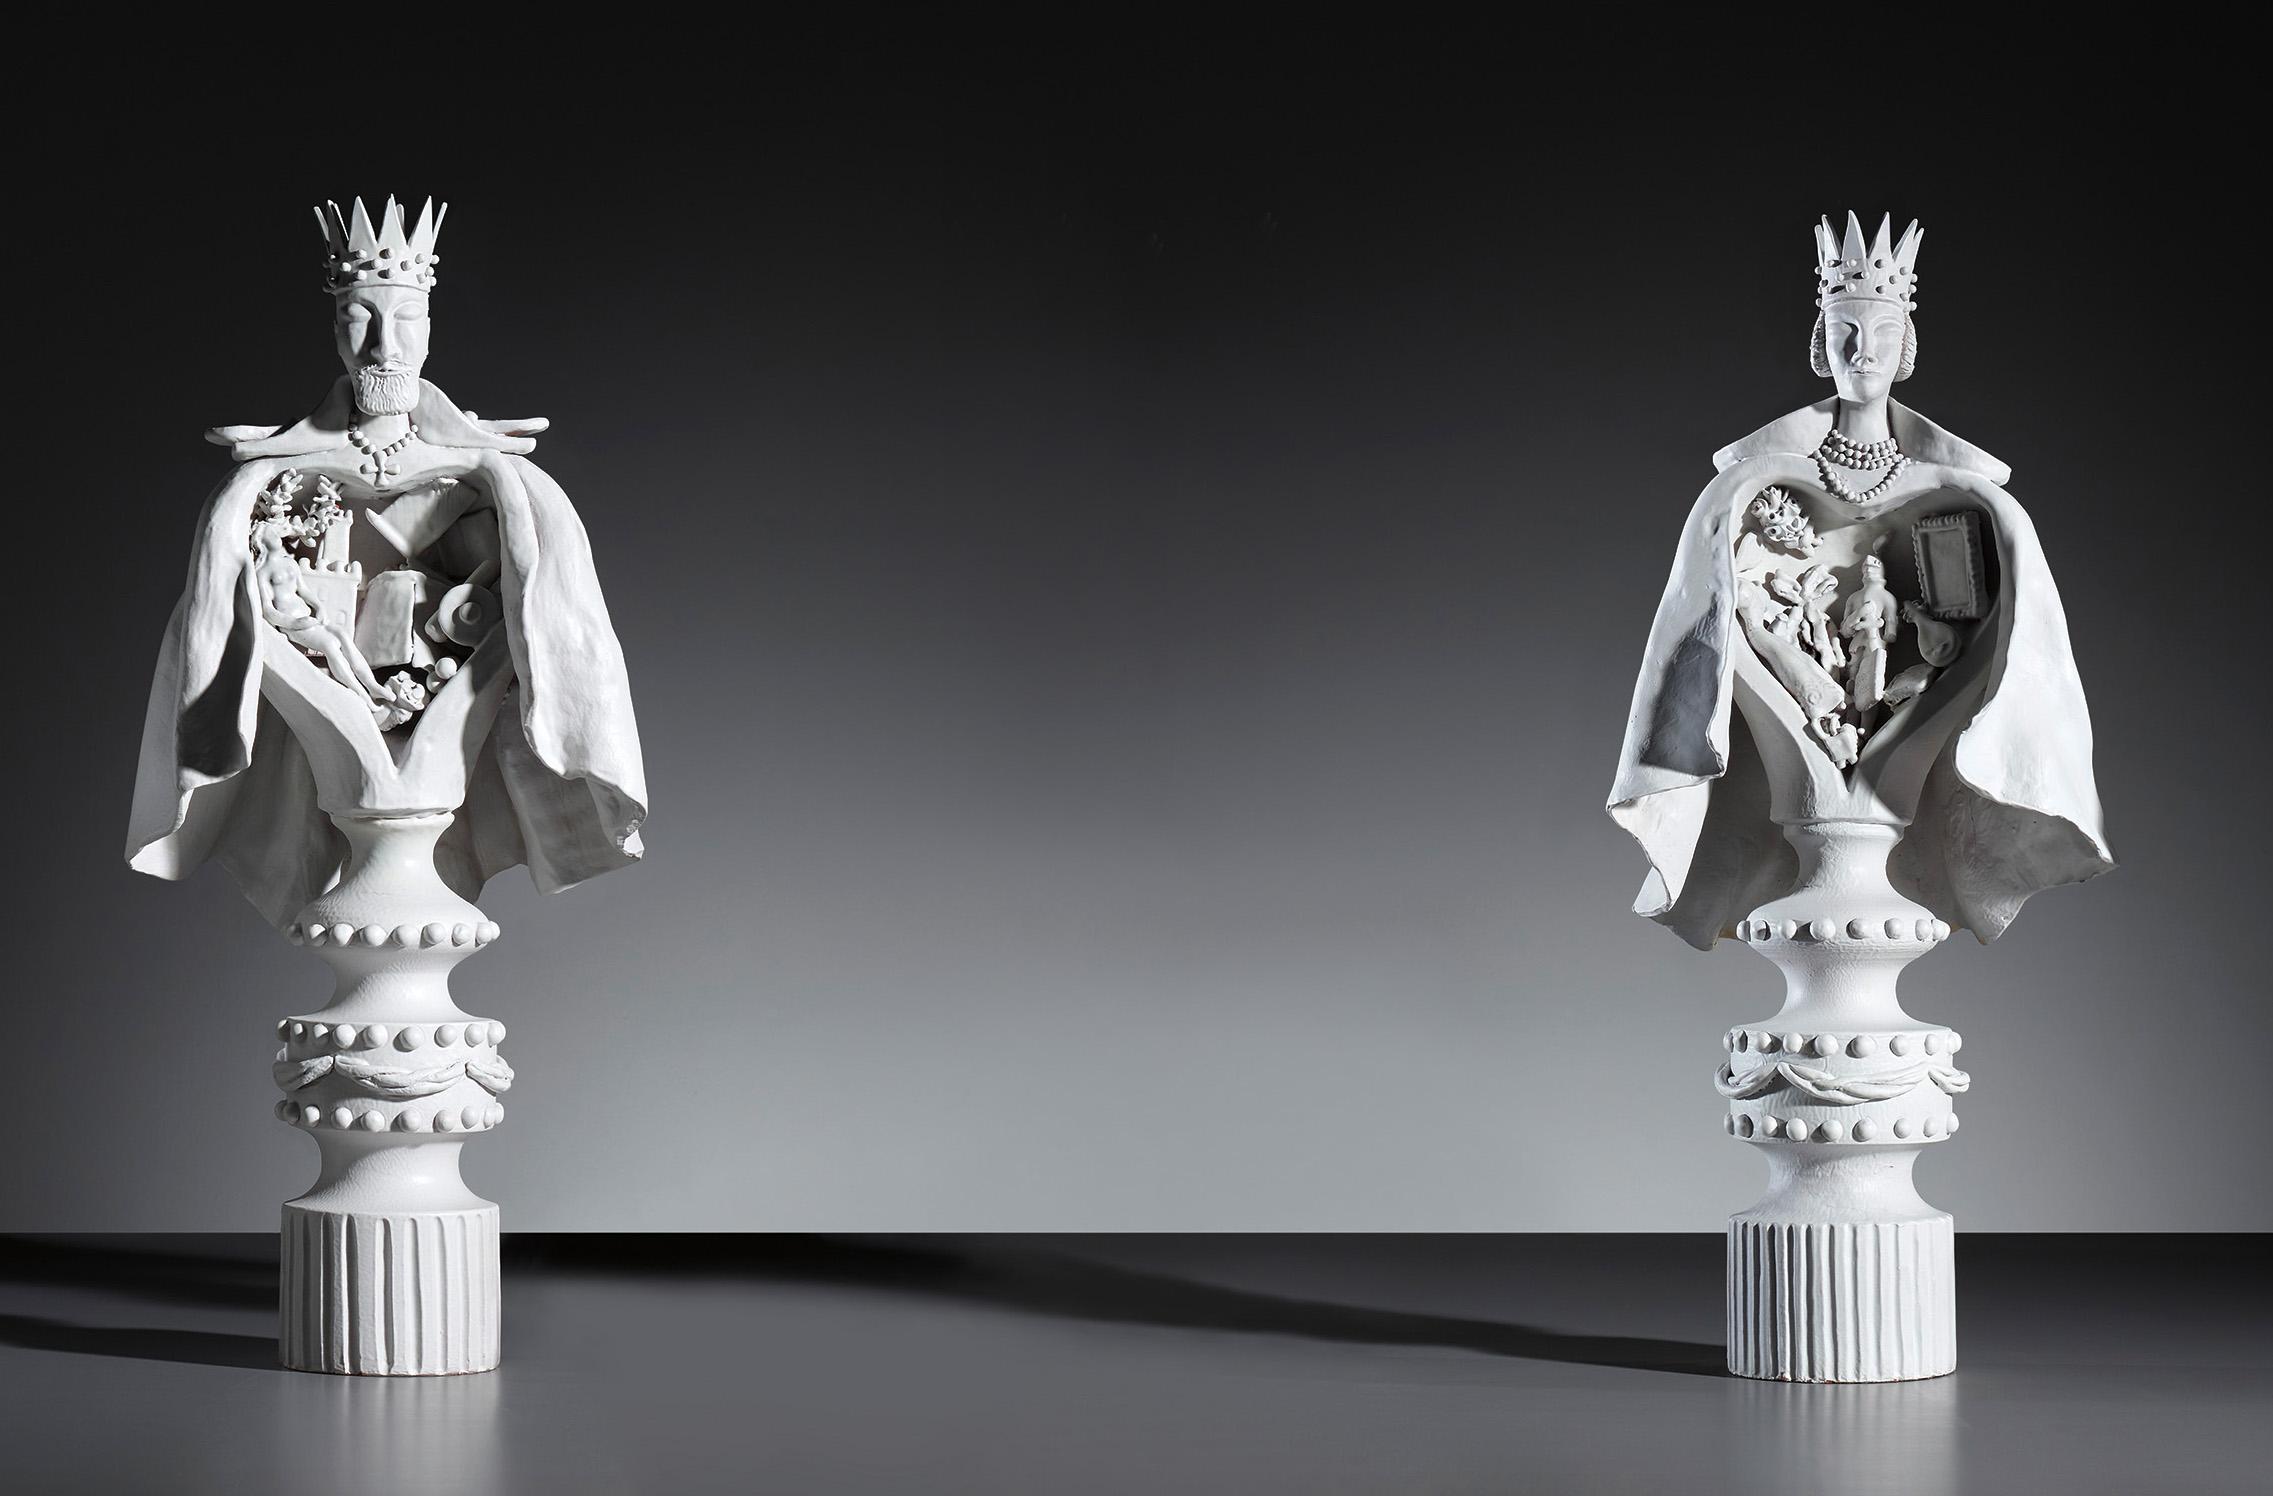 Gio Ponti, Große Statuetten von König und Königin, ca. 1951 | Foto: Cambi e Phillips